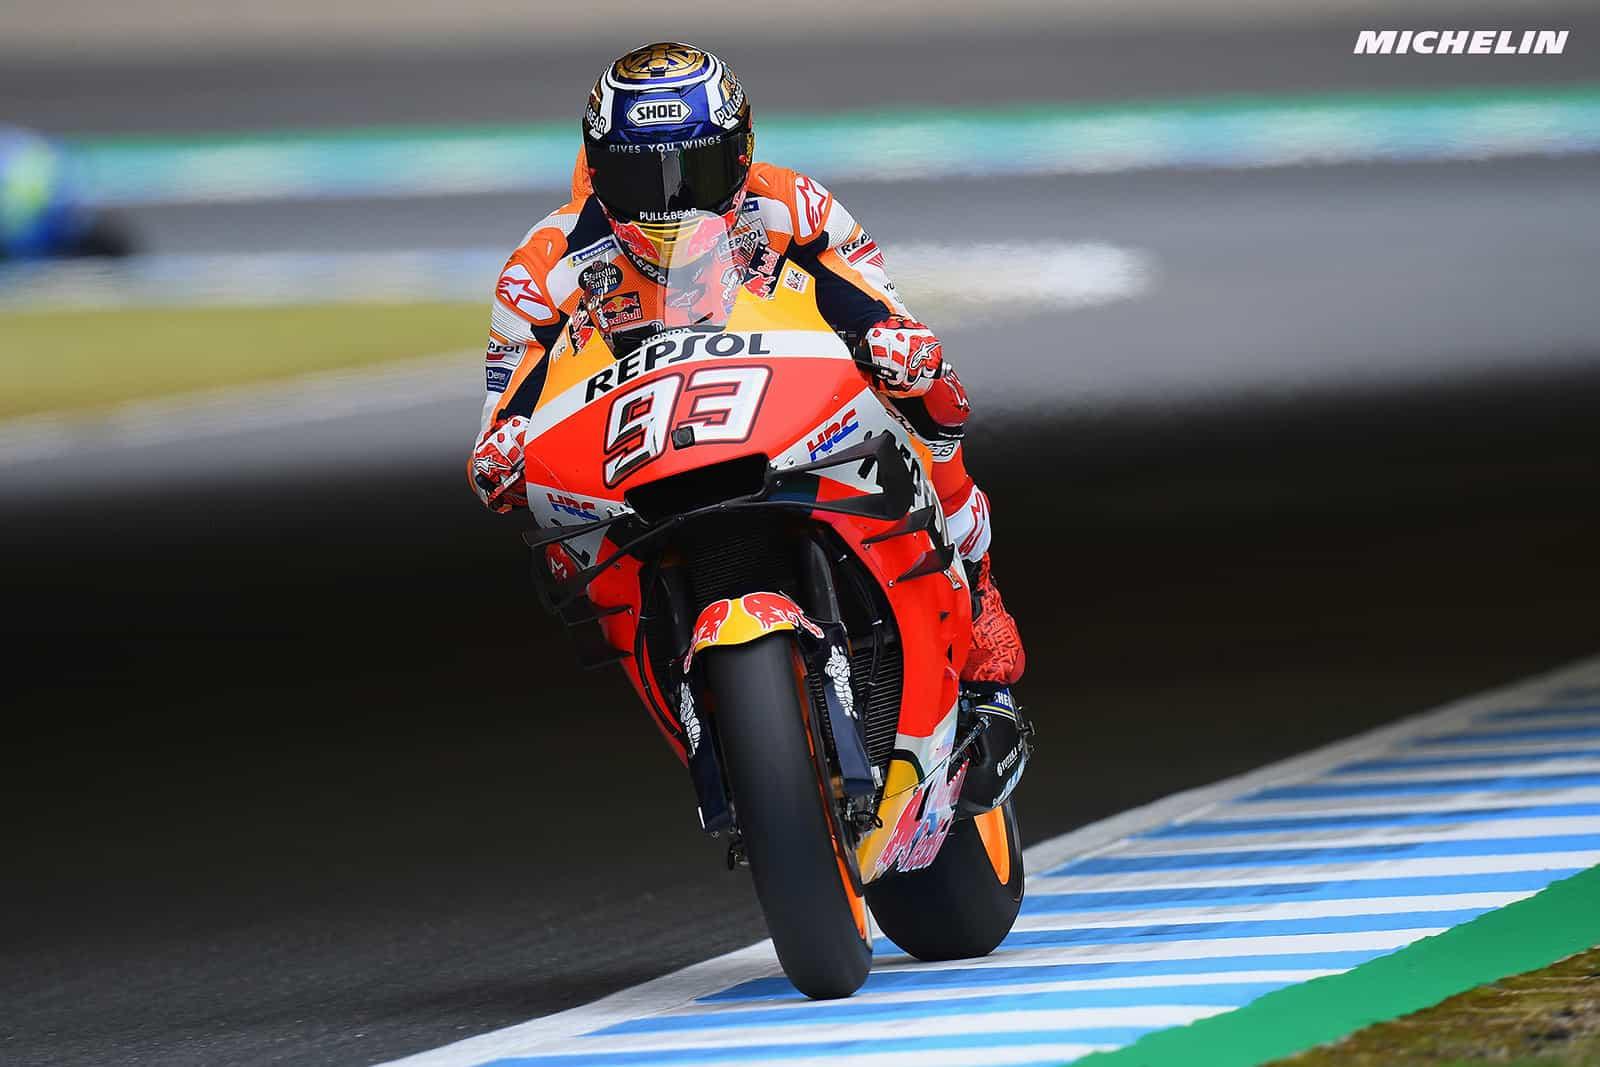 MotoGP2019日本GP 予選1位マルケス「ベストな状況ではないが優勝争いは出来る」